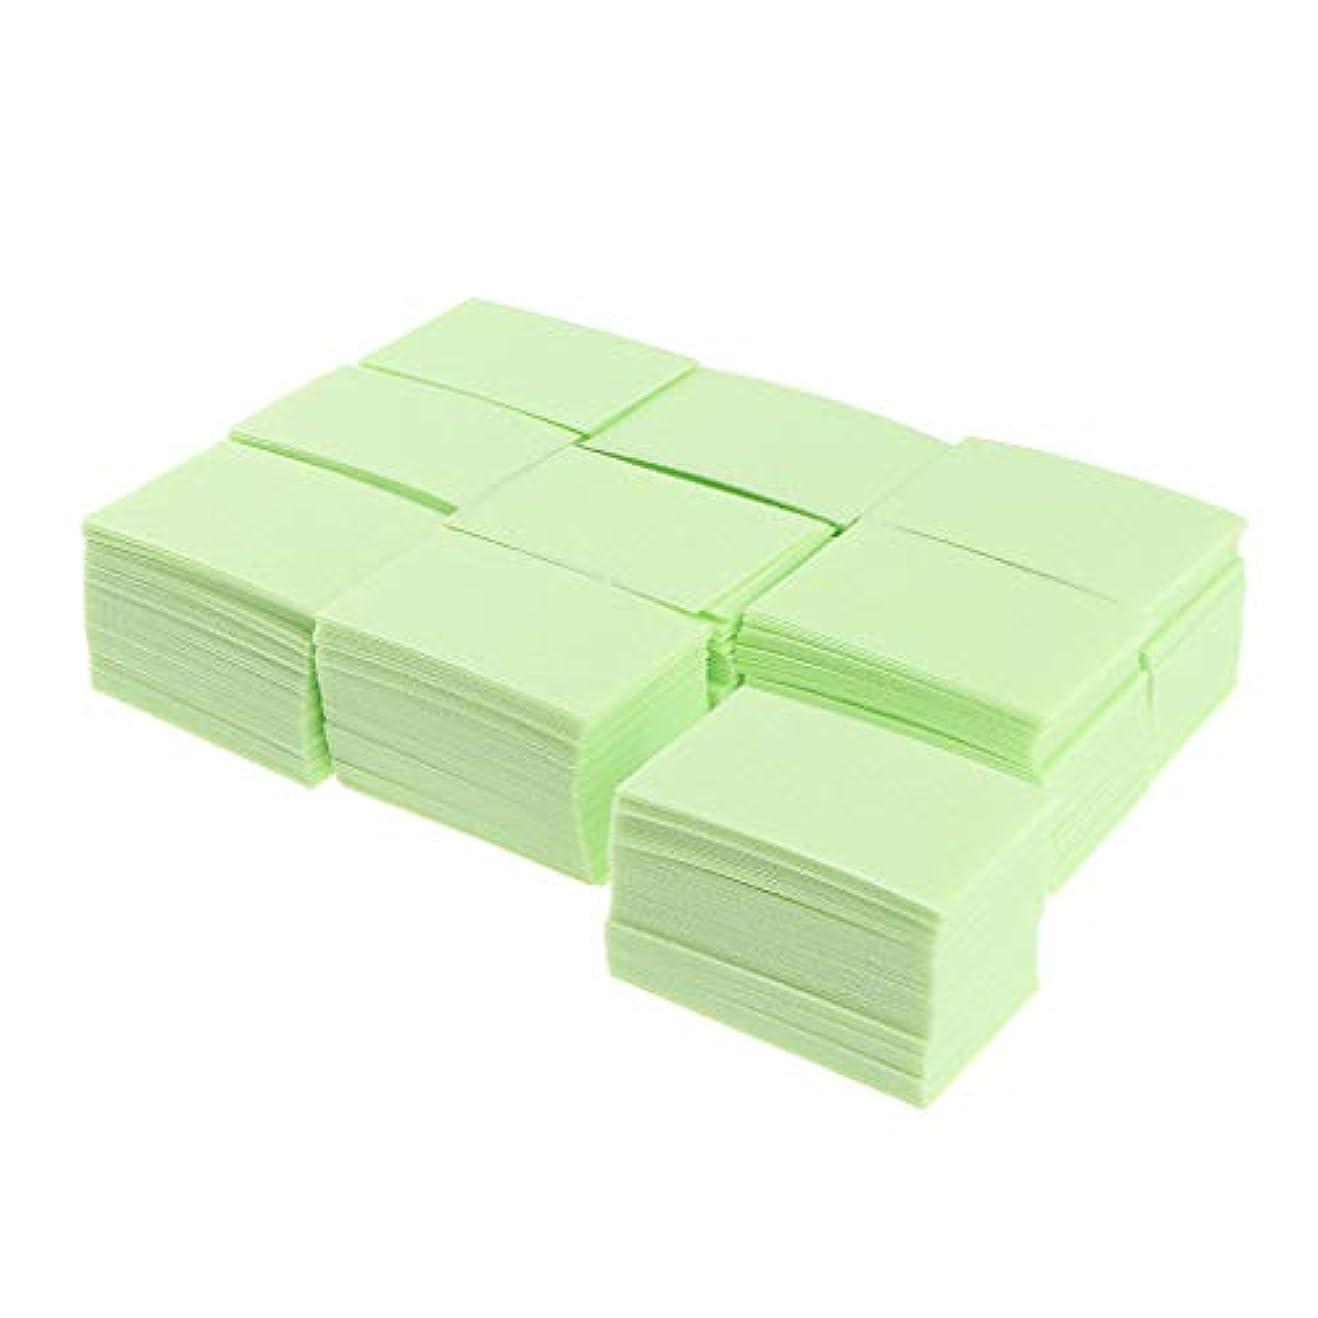 ためらうリールコンサルタントB Blesiya 約700枚 ネイルポリッシュリムーバー 綿パッド ネイルアート マニキュア 2色選べ - 緑